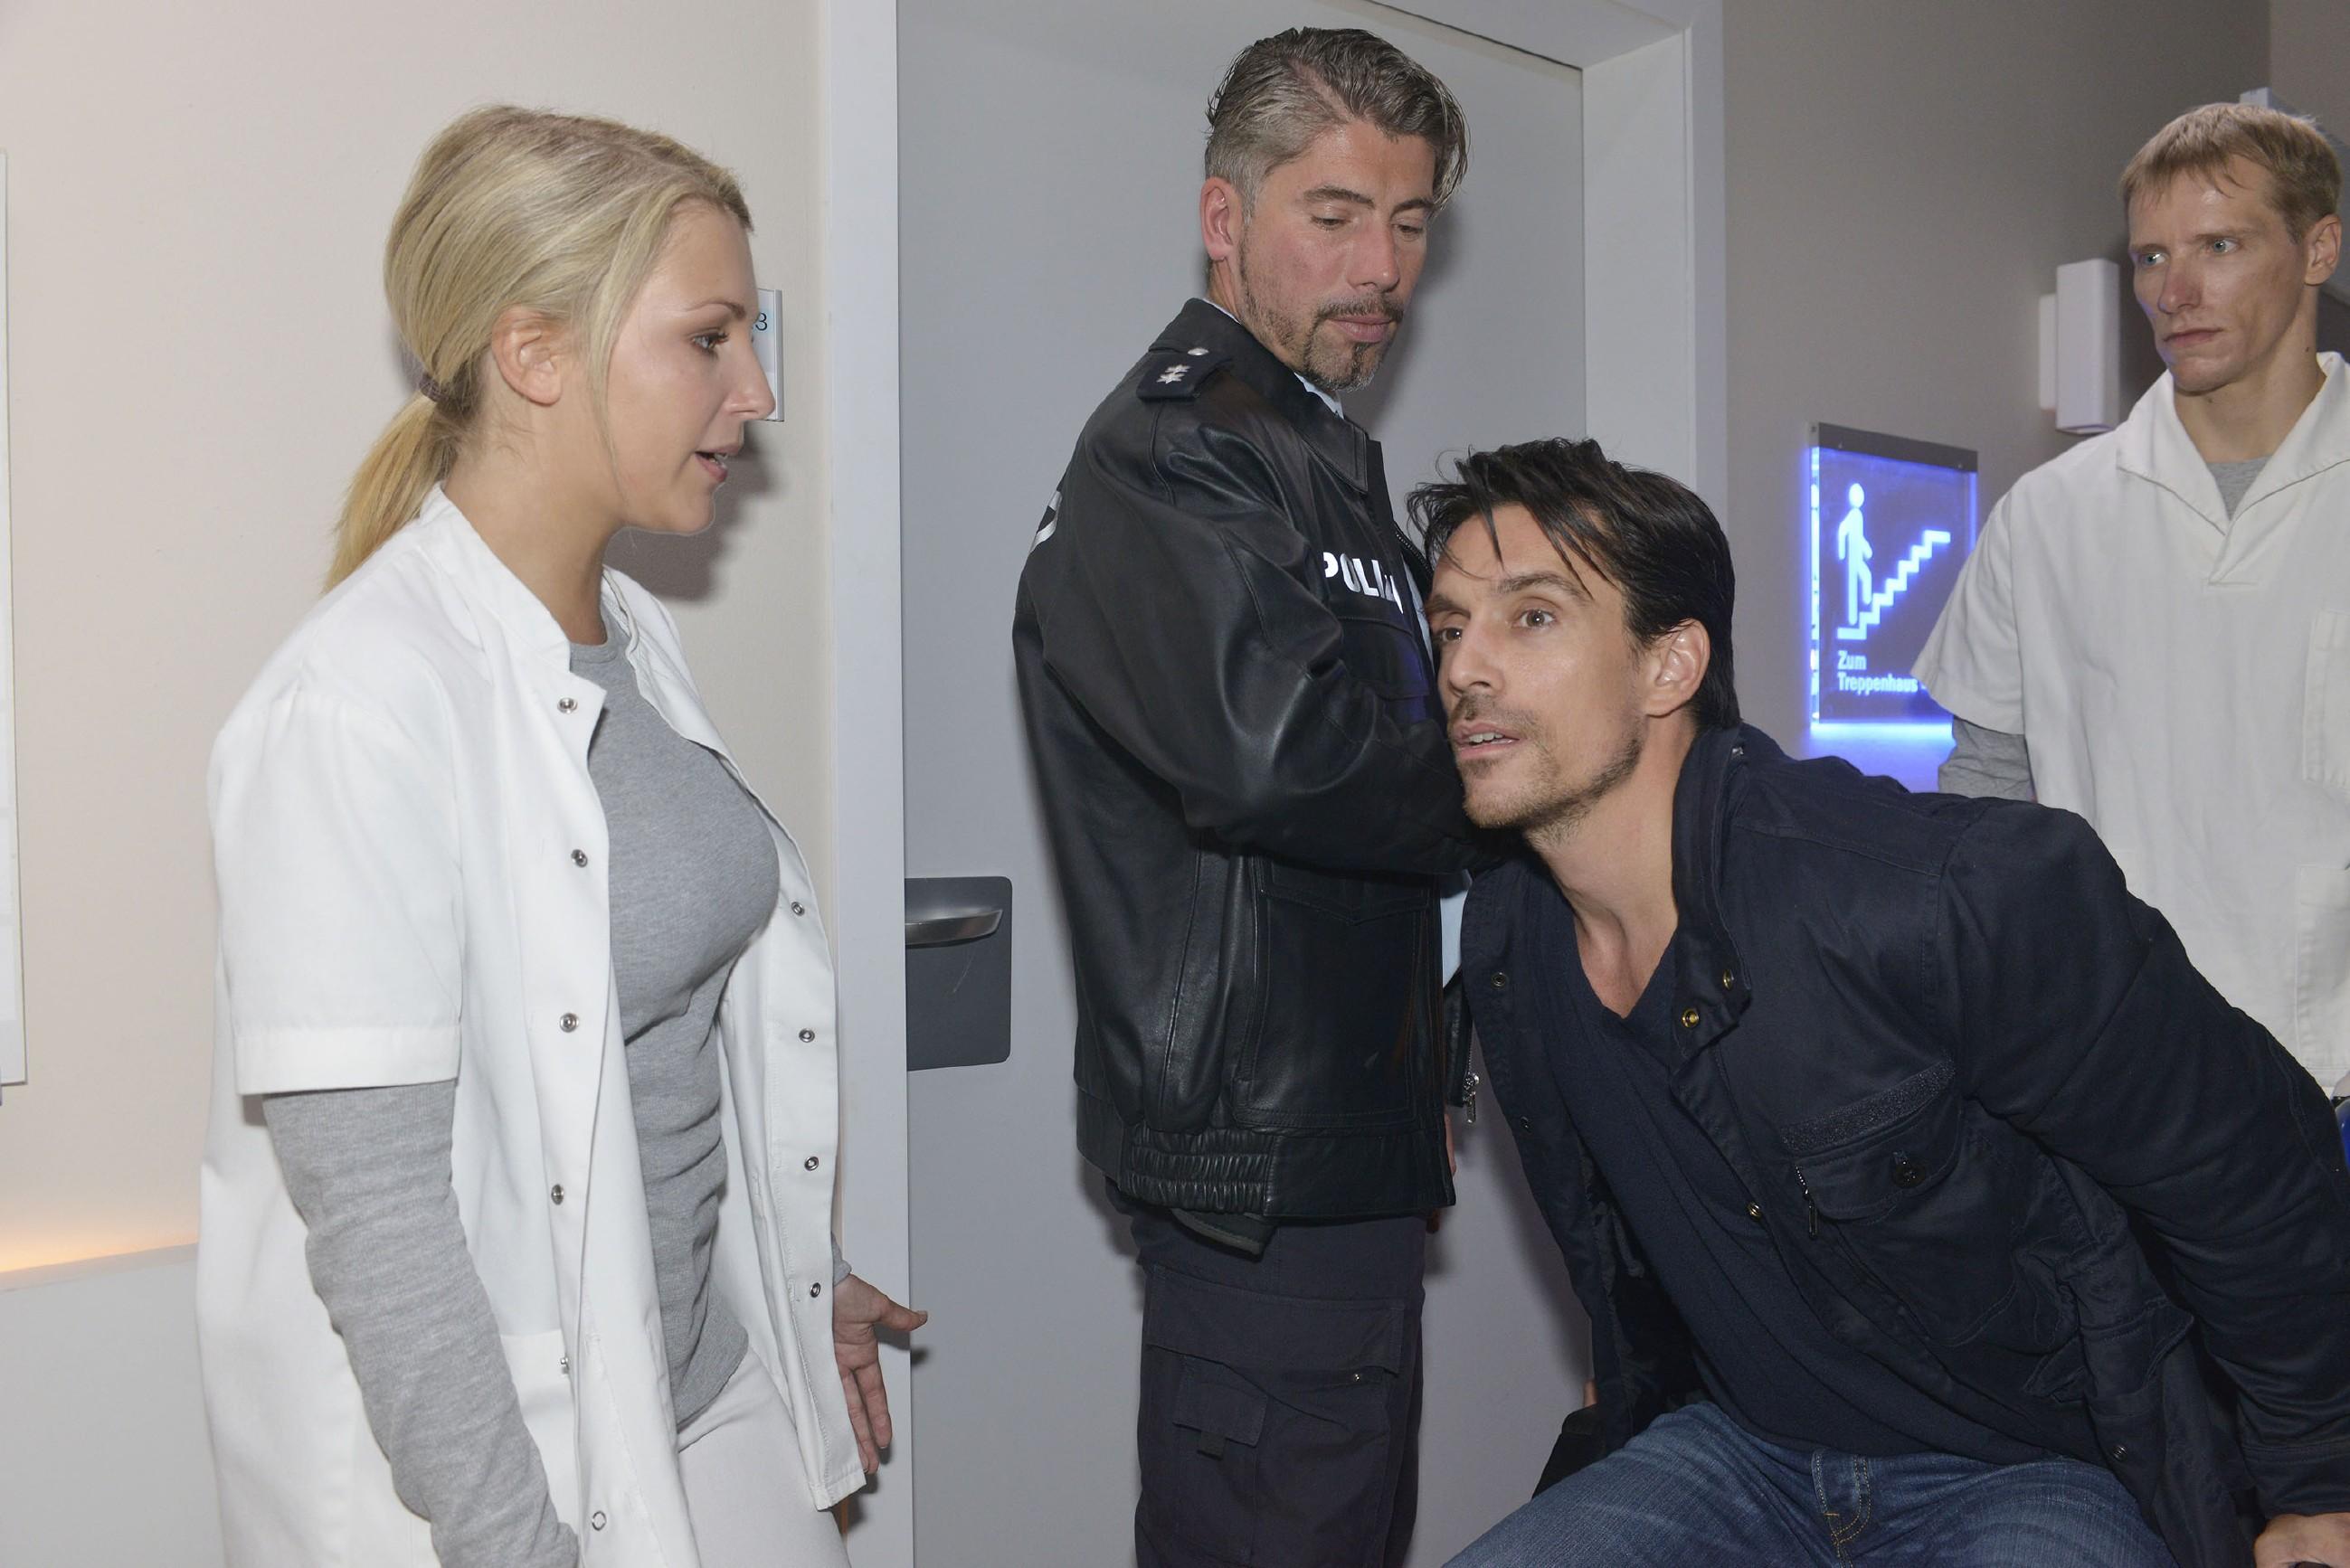 Als David (Philipp Christopher, 2.v.r.) in Begleitung eines Polizisten (Komparse) von einem Sanitäter (Komparse) ins Krankenhaus gebracht wird und zu der verletzten Ayla will, versucht Lilly (Iris Mareike Steen) ihn zu beruhigen.